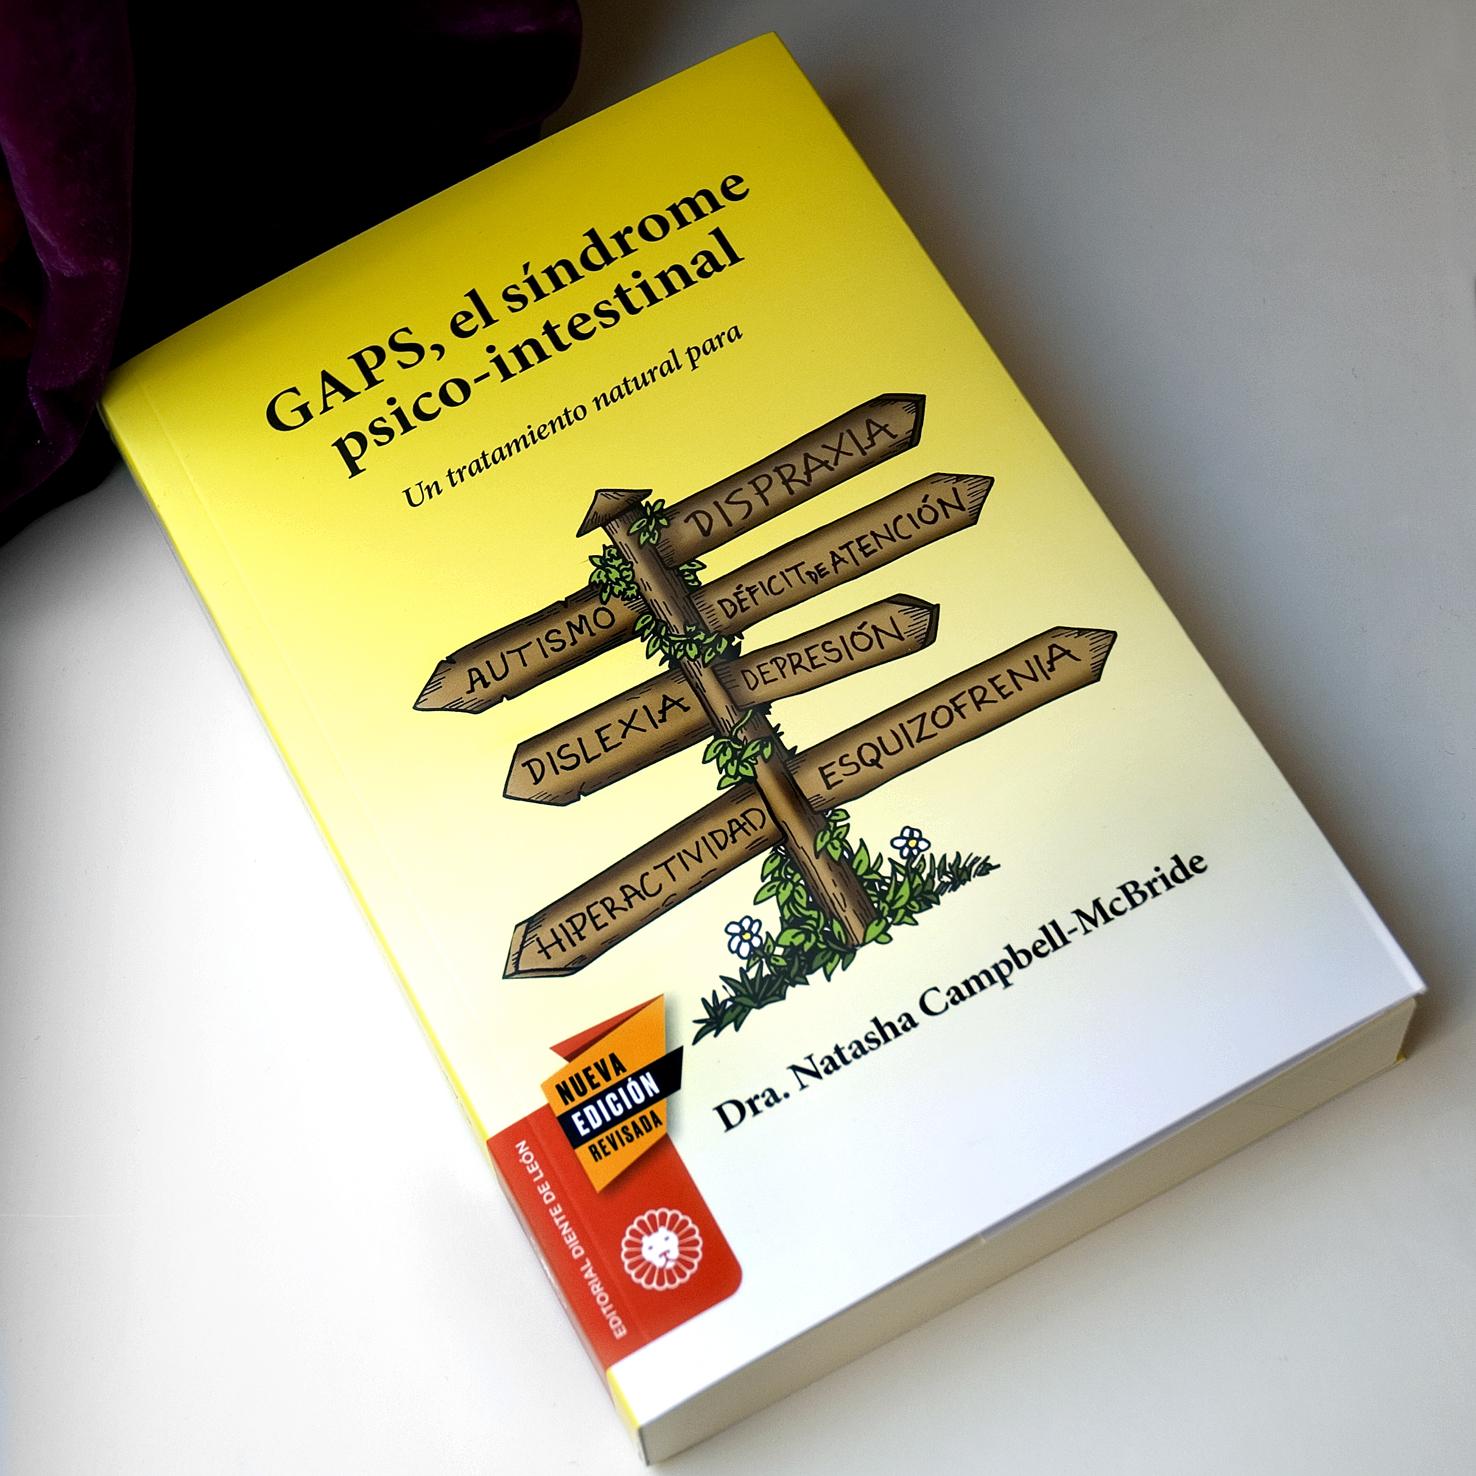 GAPS (Síndrome del intestino y la psicología) | Mundo Bacteriano